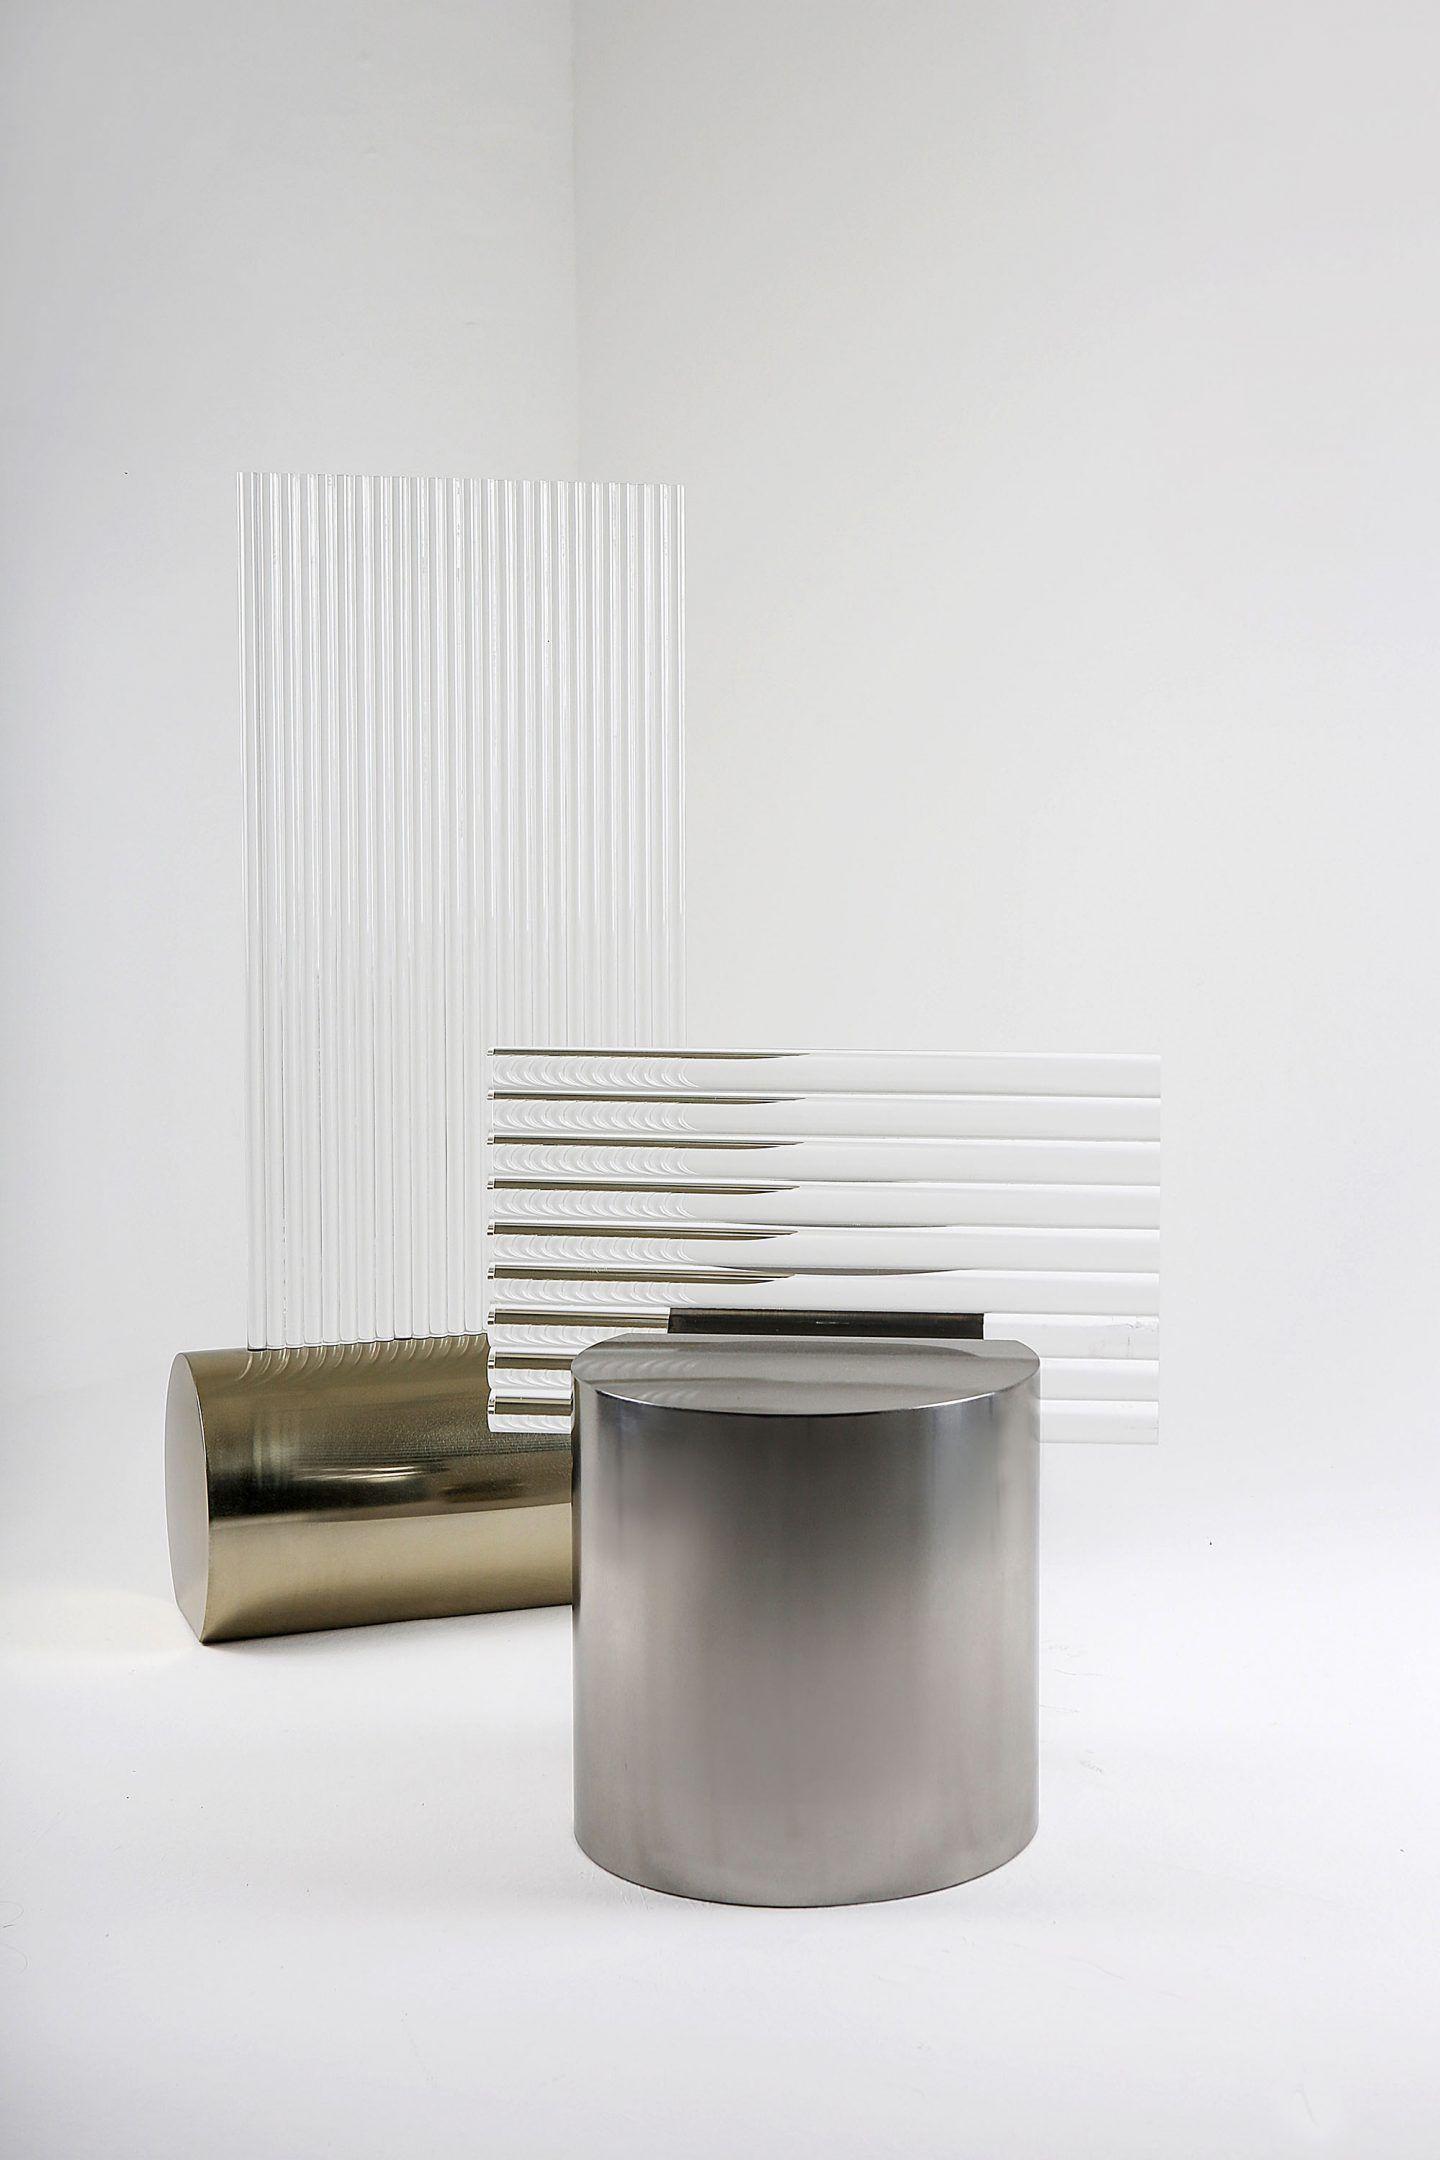 IGNANT-Design-Jihye-Zang-Purity-05